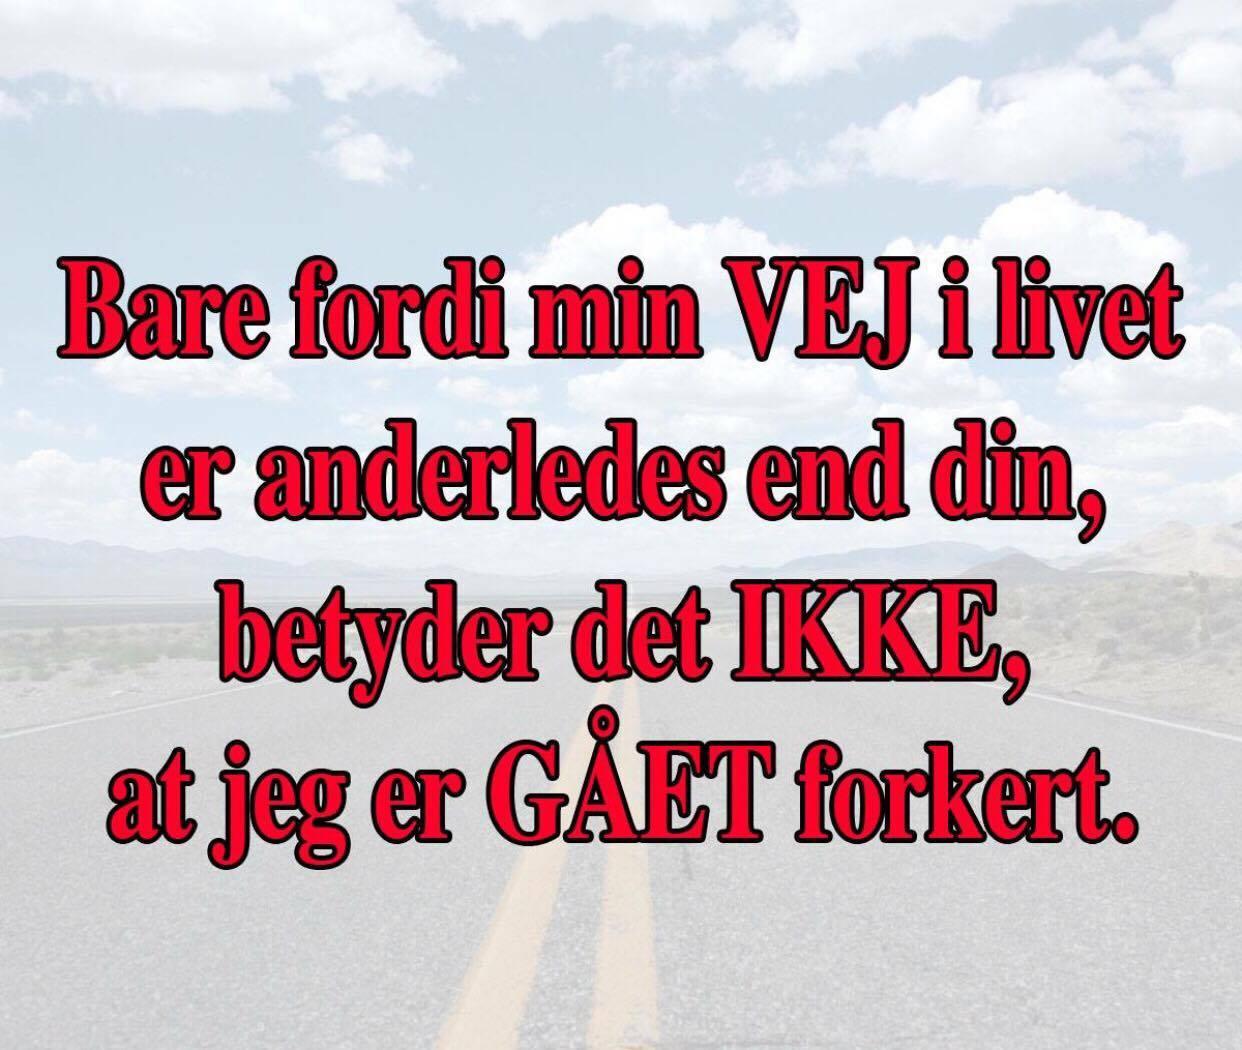 smukke kærligheds citater livet   Danmarks smukkeste citater, Kærlighed.nu besøg os i dag smukke kærligheds citater